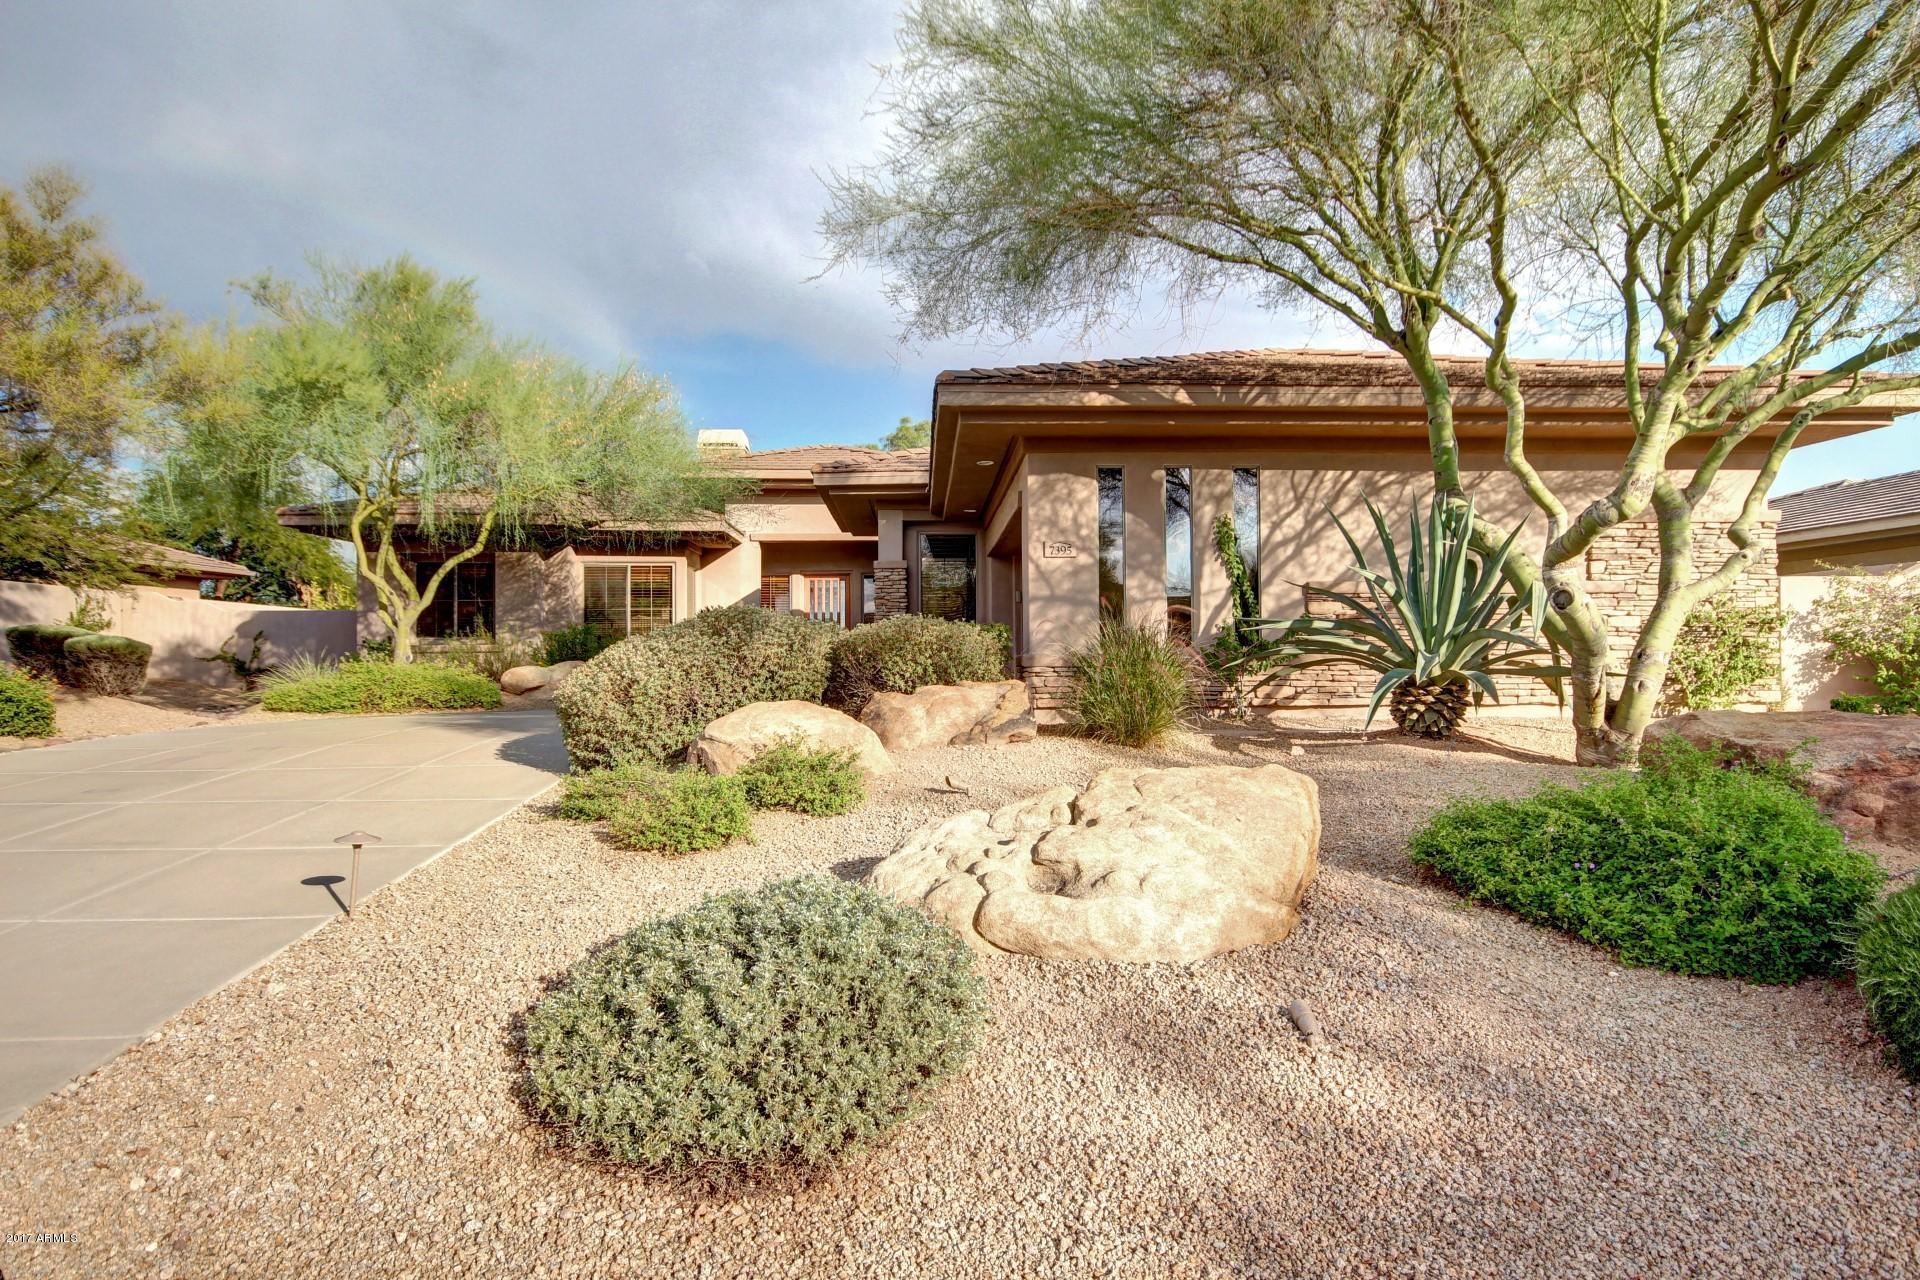 7395 E Brisa Drive, Scottsdale AZ 85266 - Photo 1